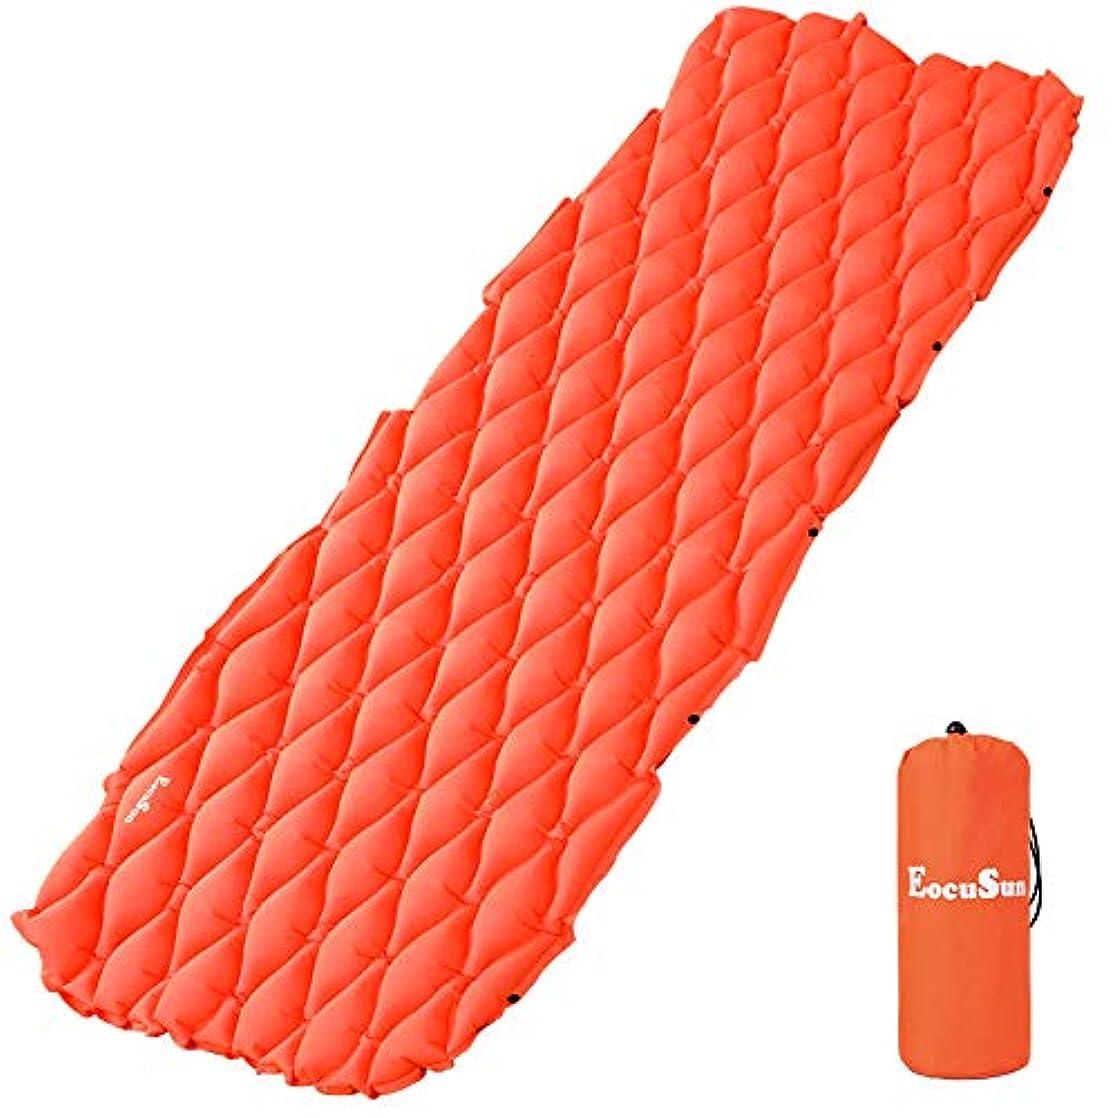 やめるサイクロプス疾患eocusun Sleeping Pad inflatablelightweight超軽量コンパクト快適な防水Air mattresscamping Mafor Campバックパッキング、旅行、ハイキング、スカウト、